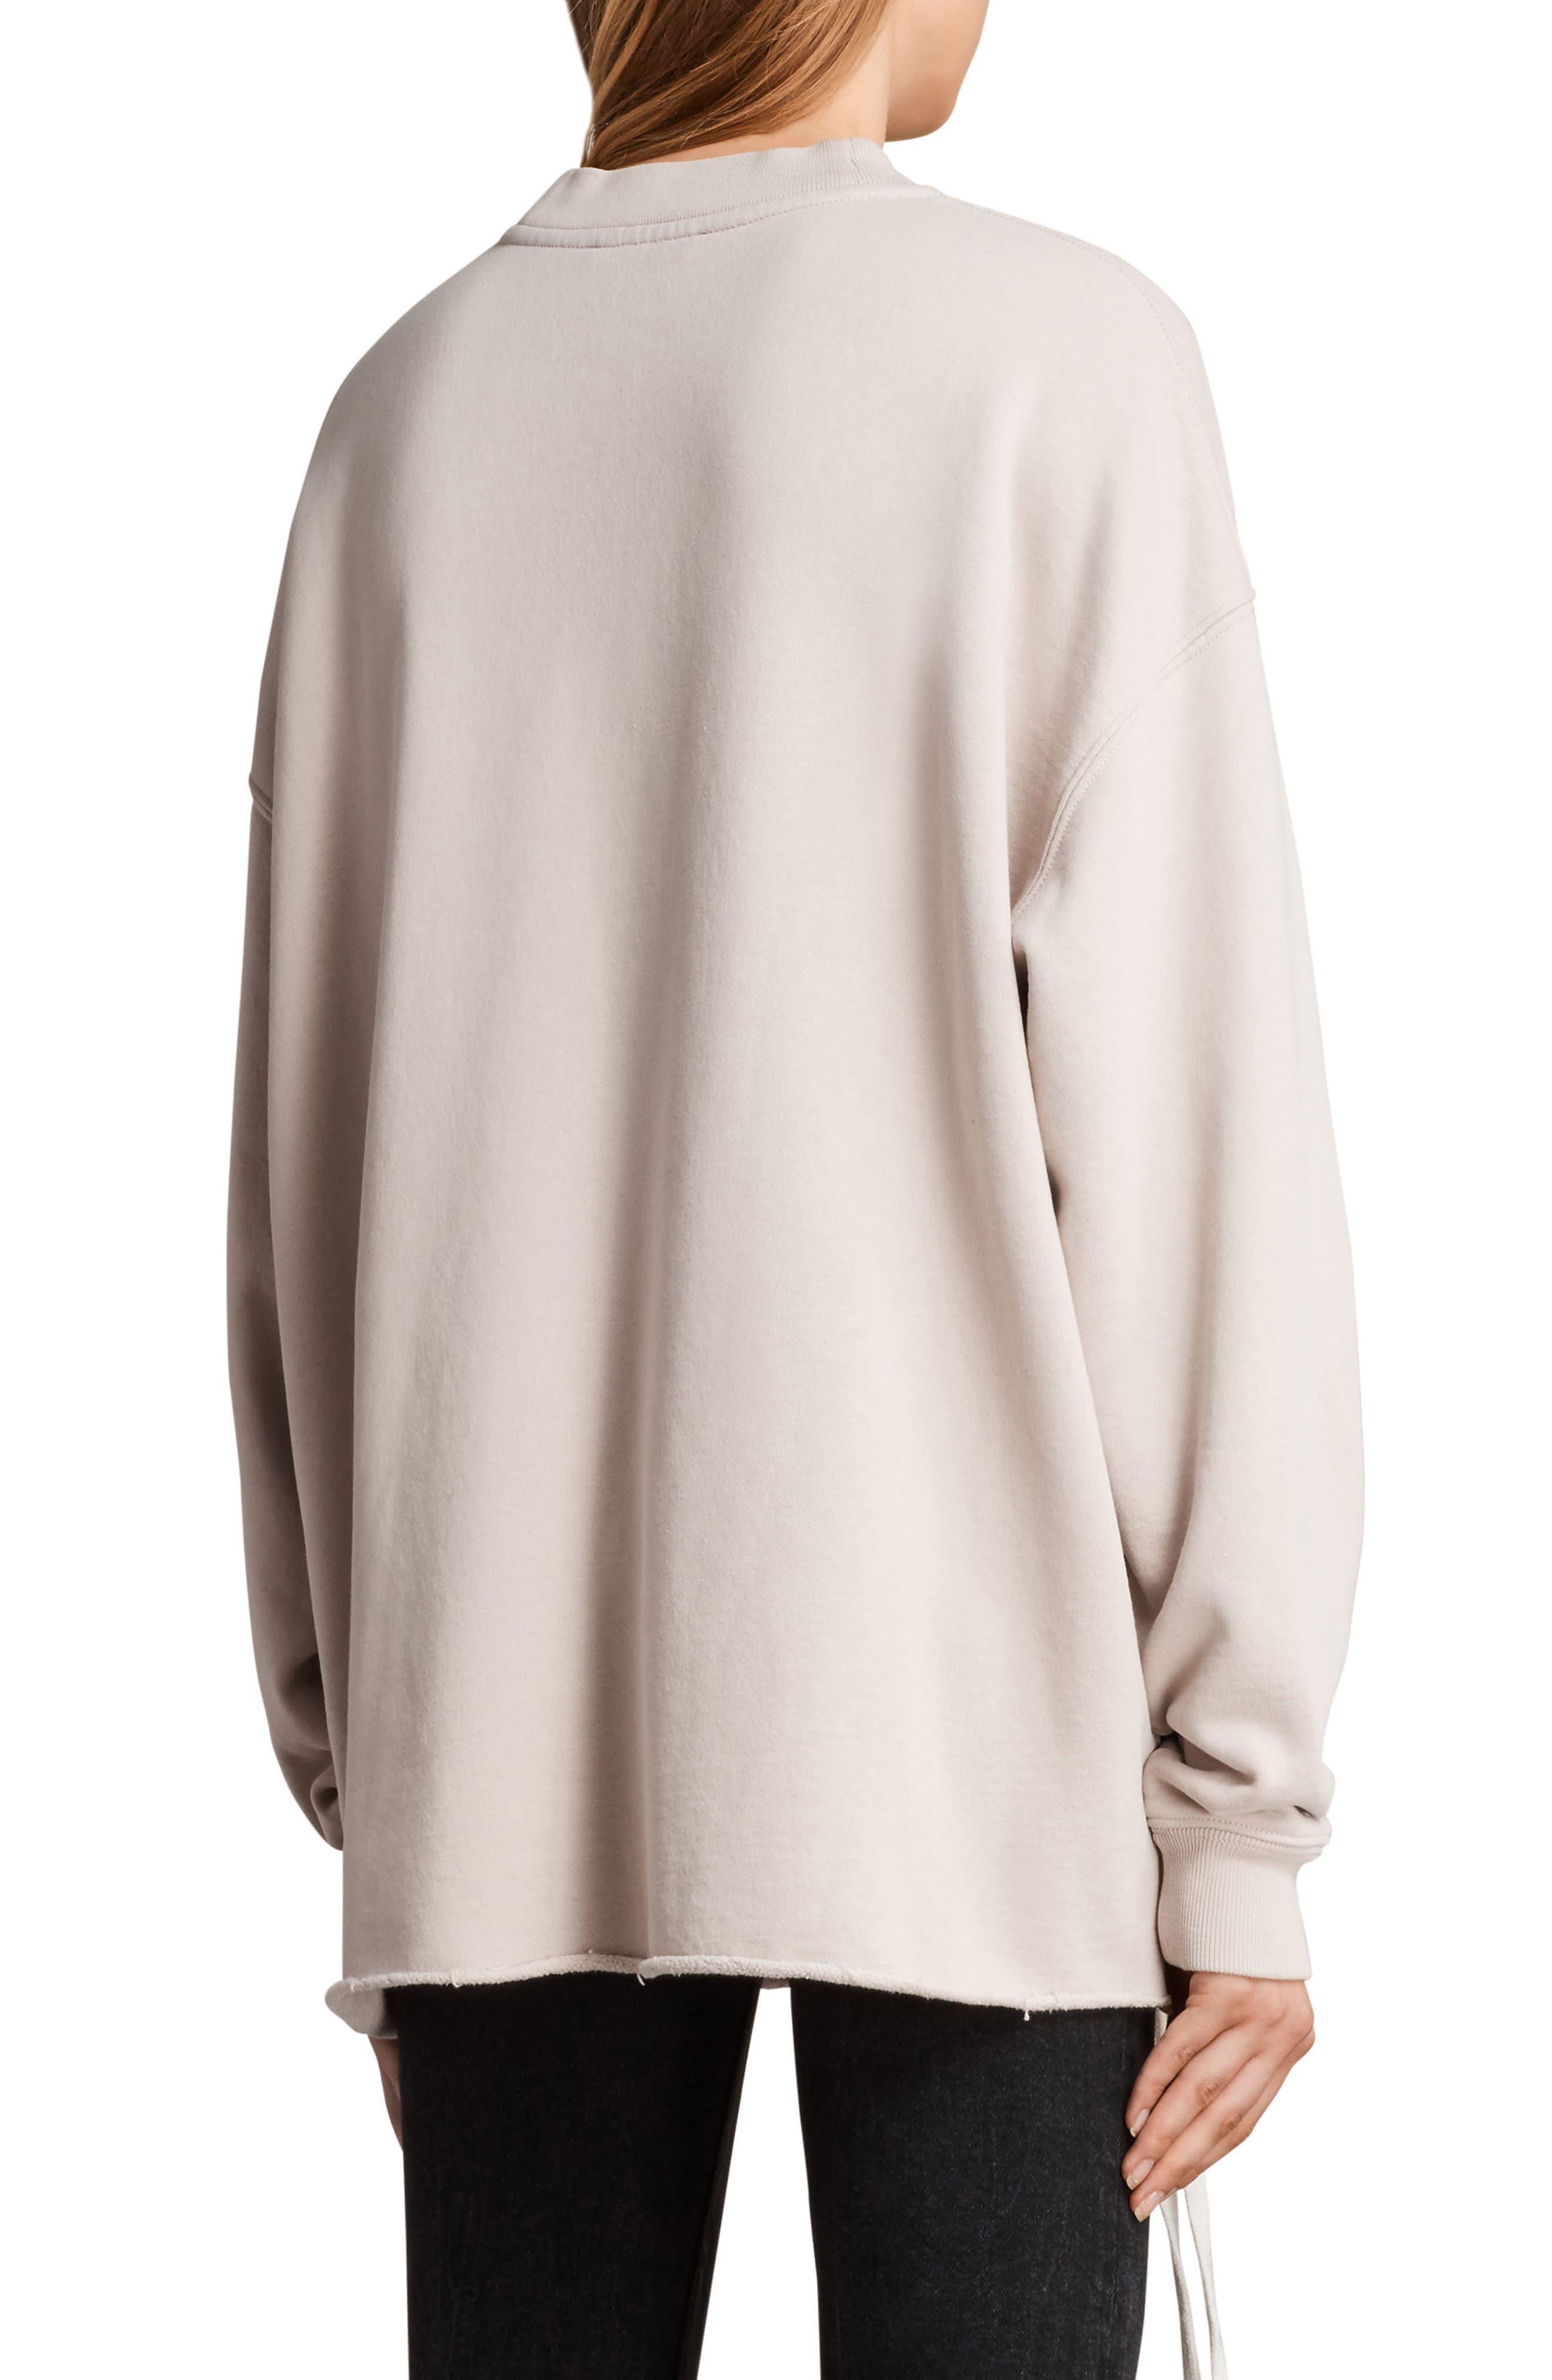 Able Sweatshirt,                             Alternate thumbnail 2, color,                             Quartz Pink